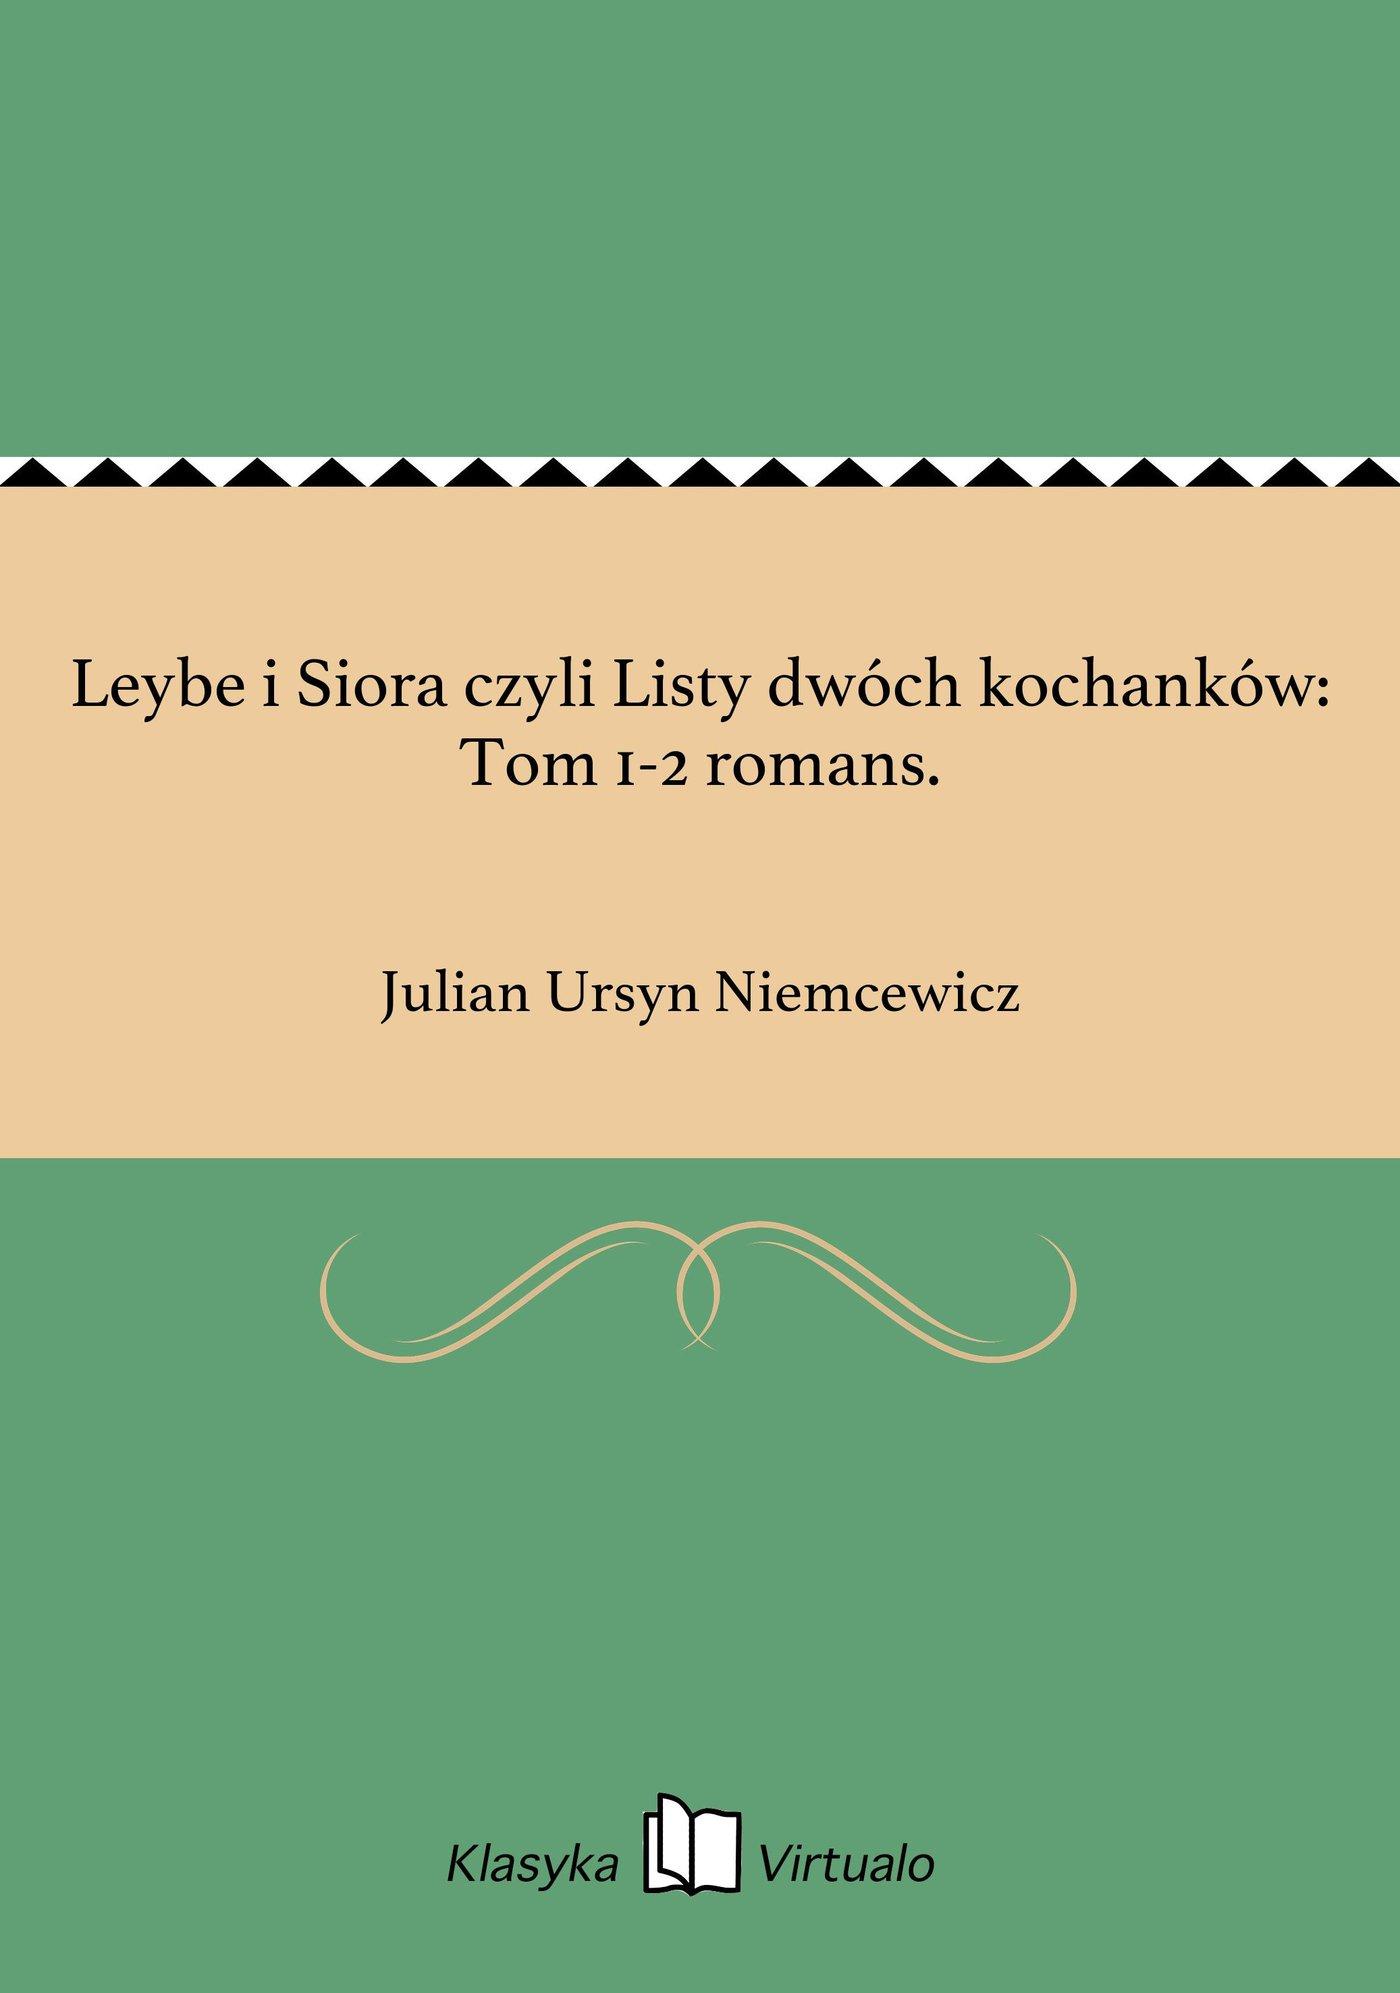 Leybe i Siora czyli Listy dwóch kochanków: Tom 1-2 romans. - Ebook (Książka na Kindle) do pobrania w formacie MOBI